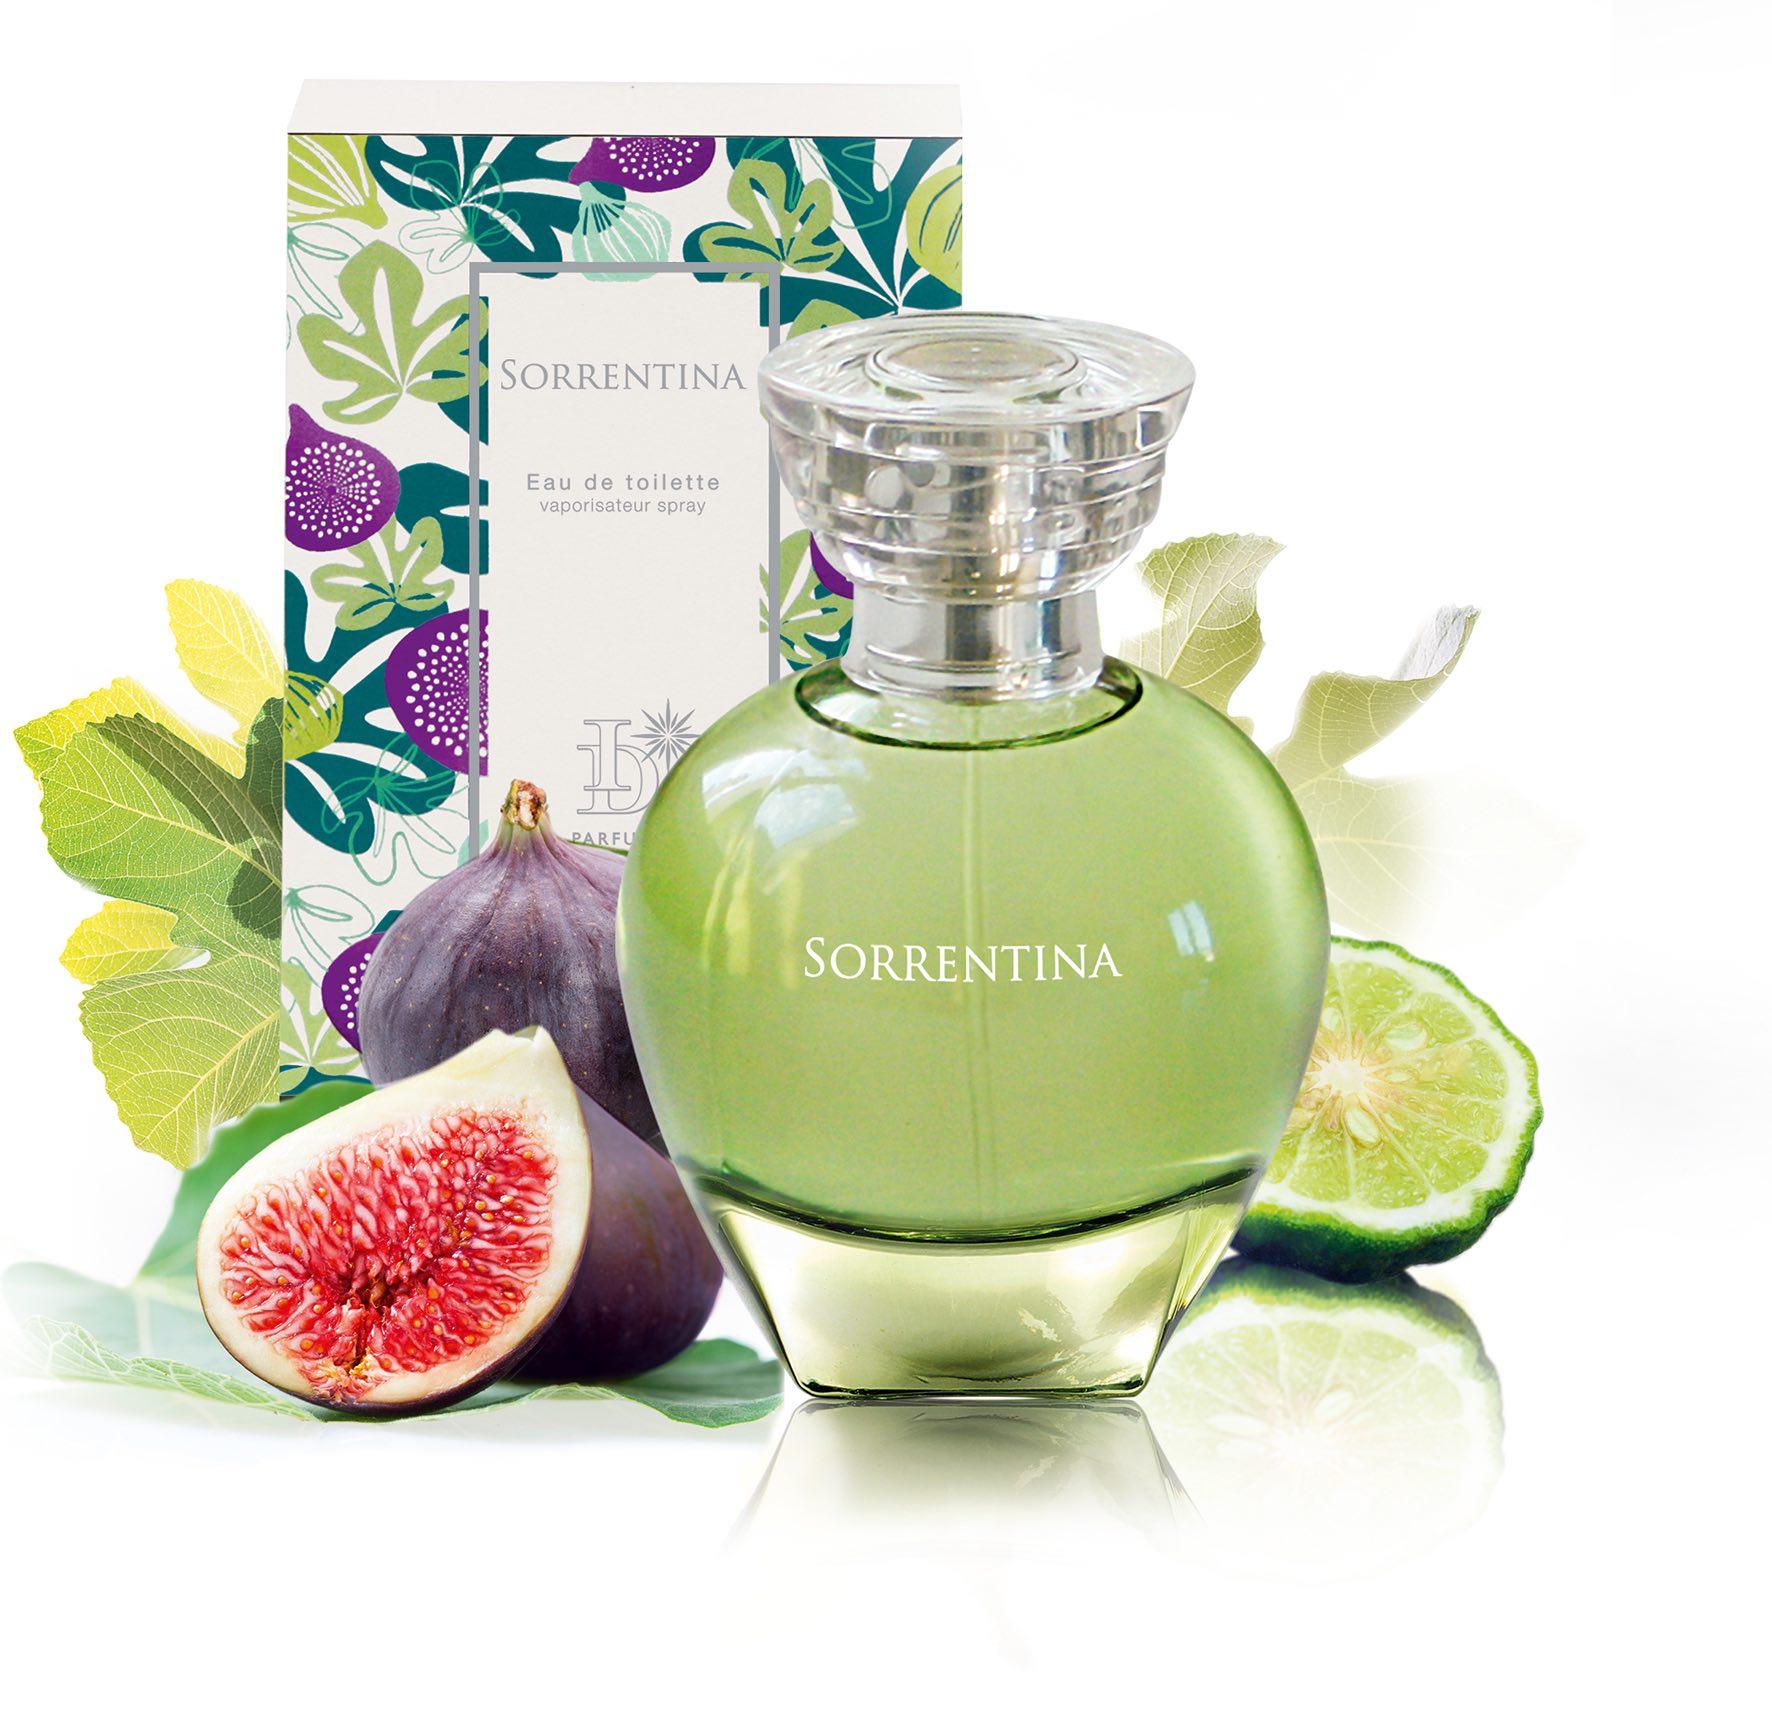 sorrentina-parfum-pierre-ricaud-promo-cadeau